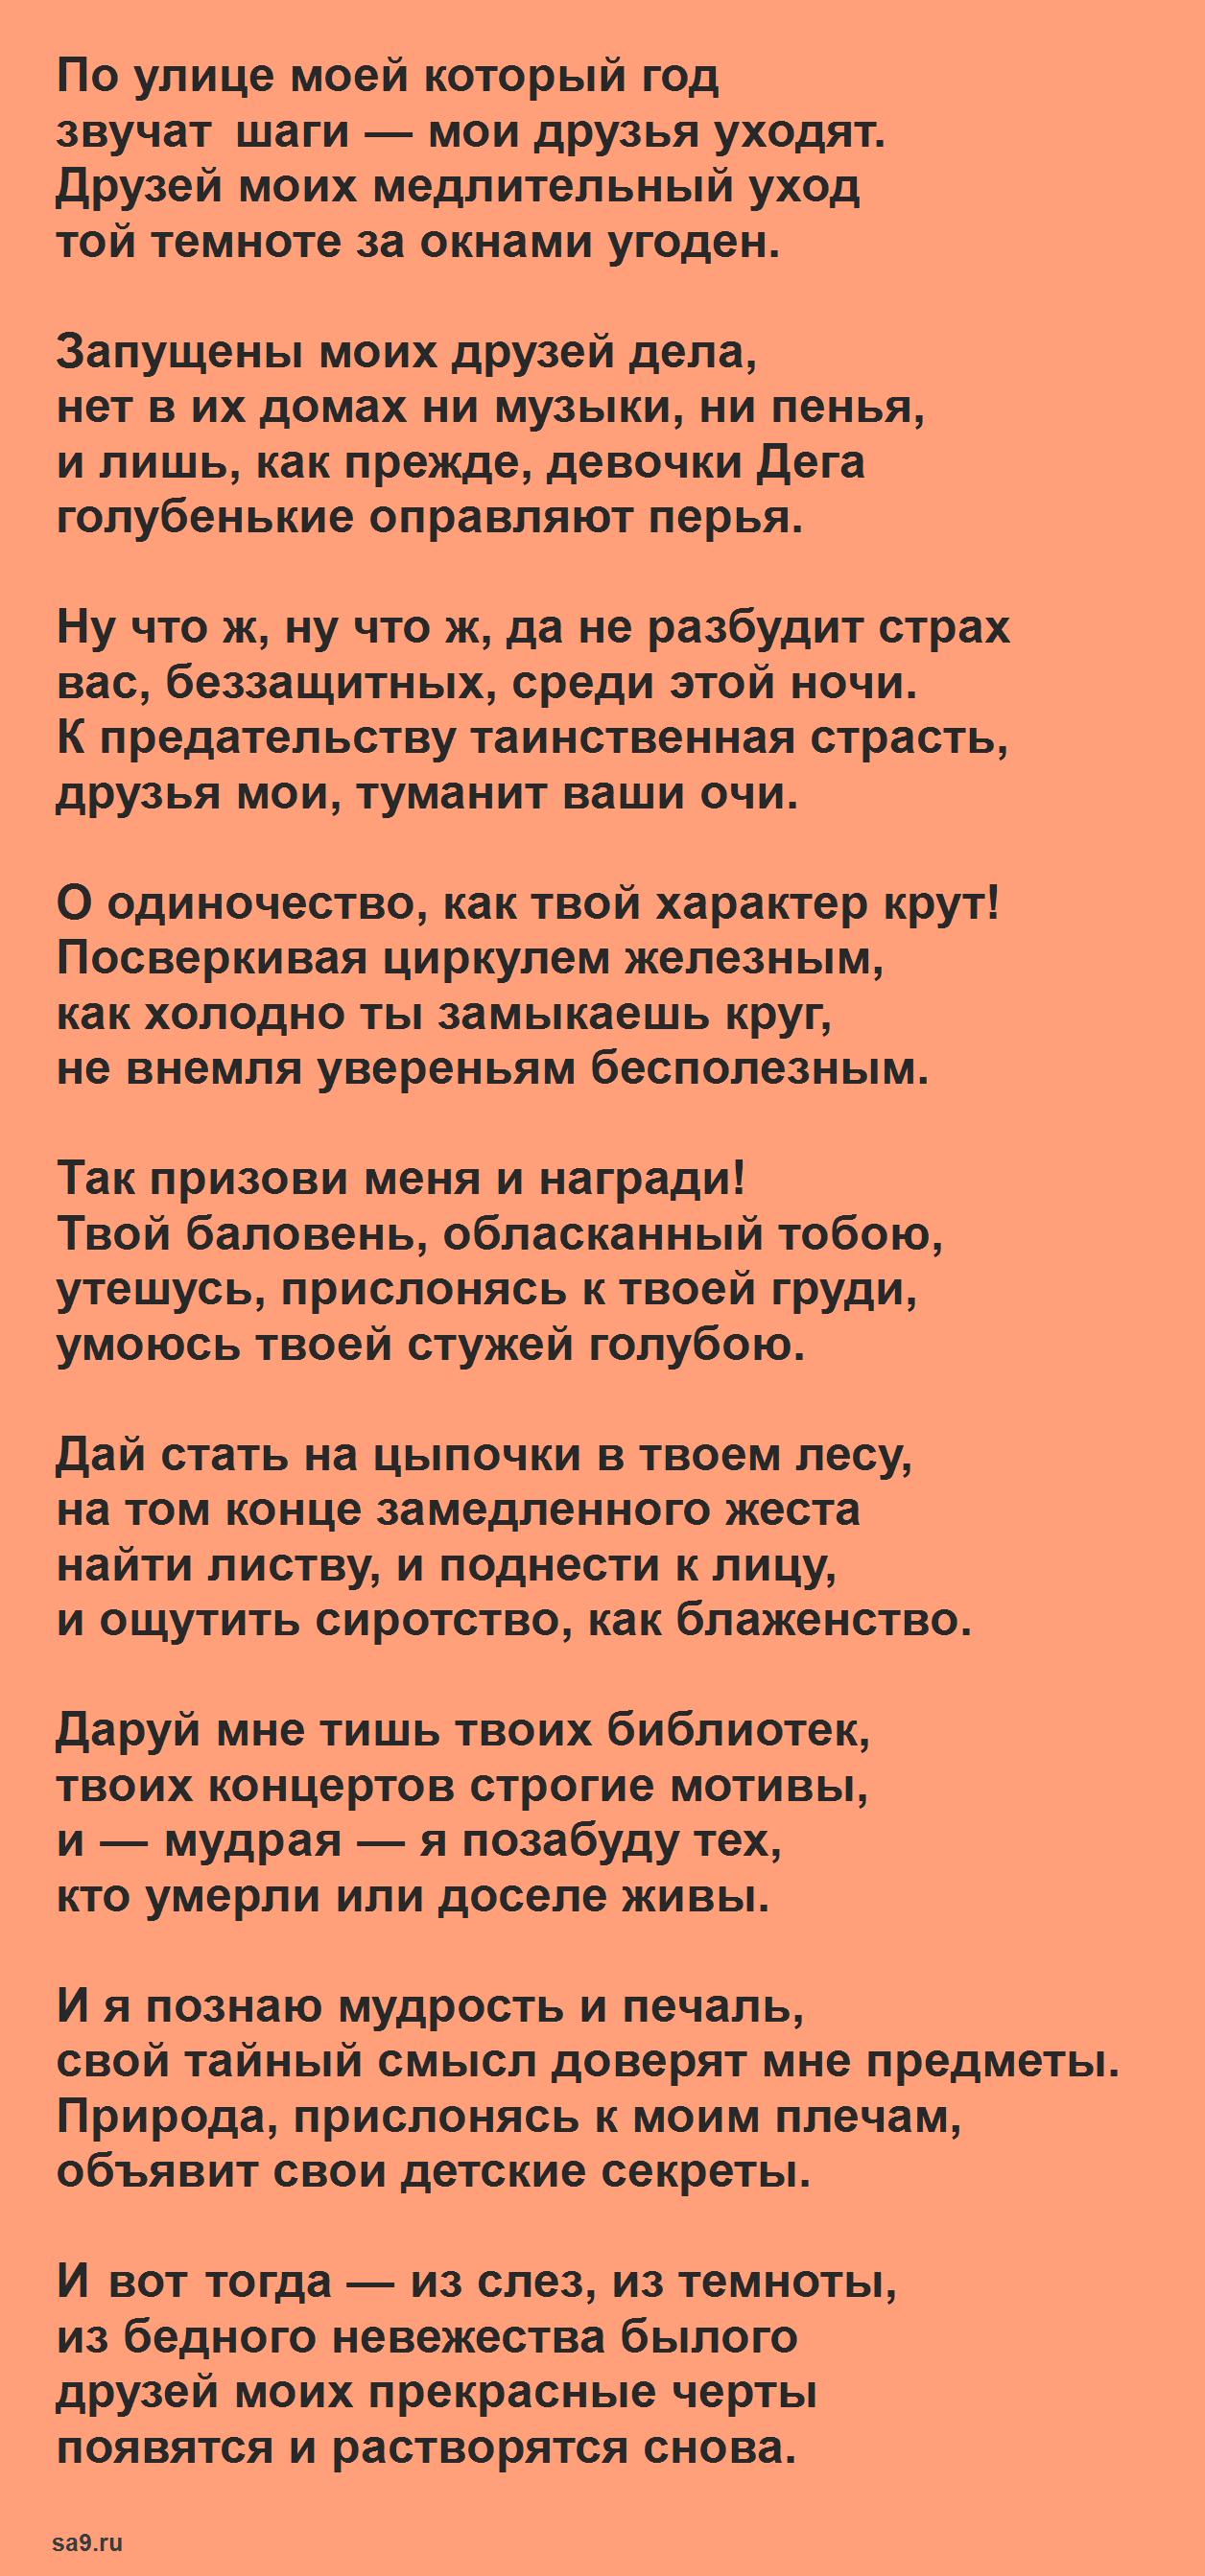 Известные песни на стихи Ахмадулиной - По улице моей который год